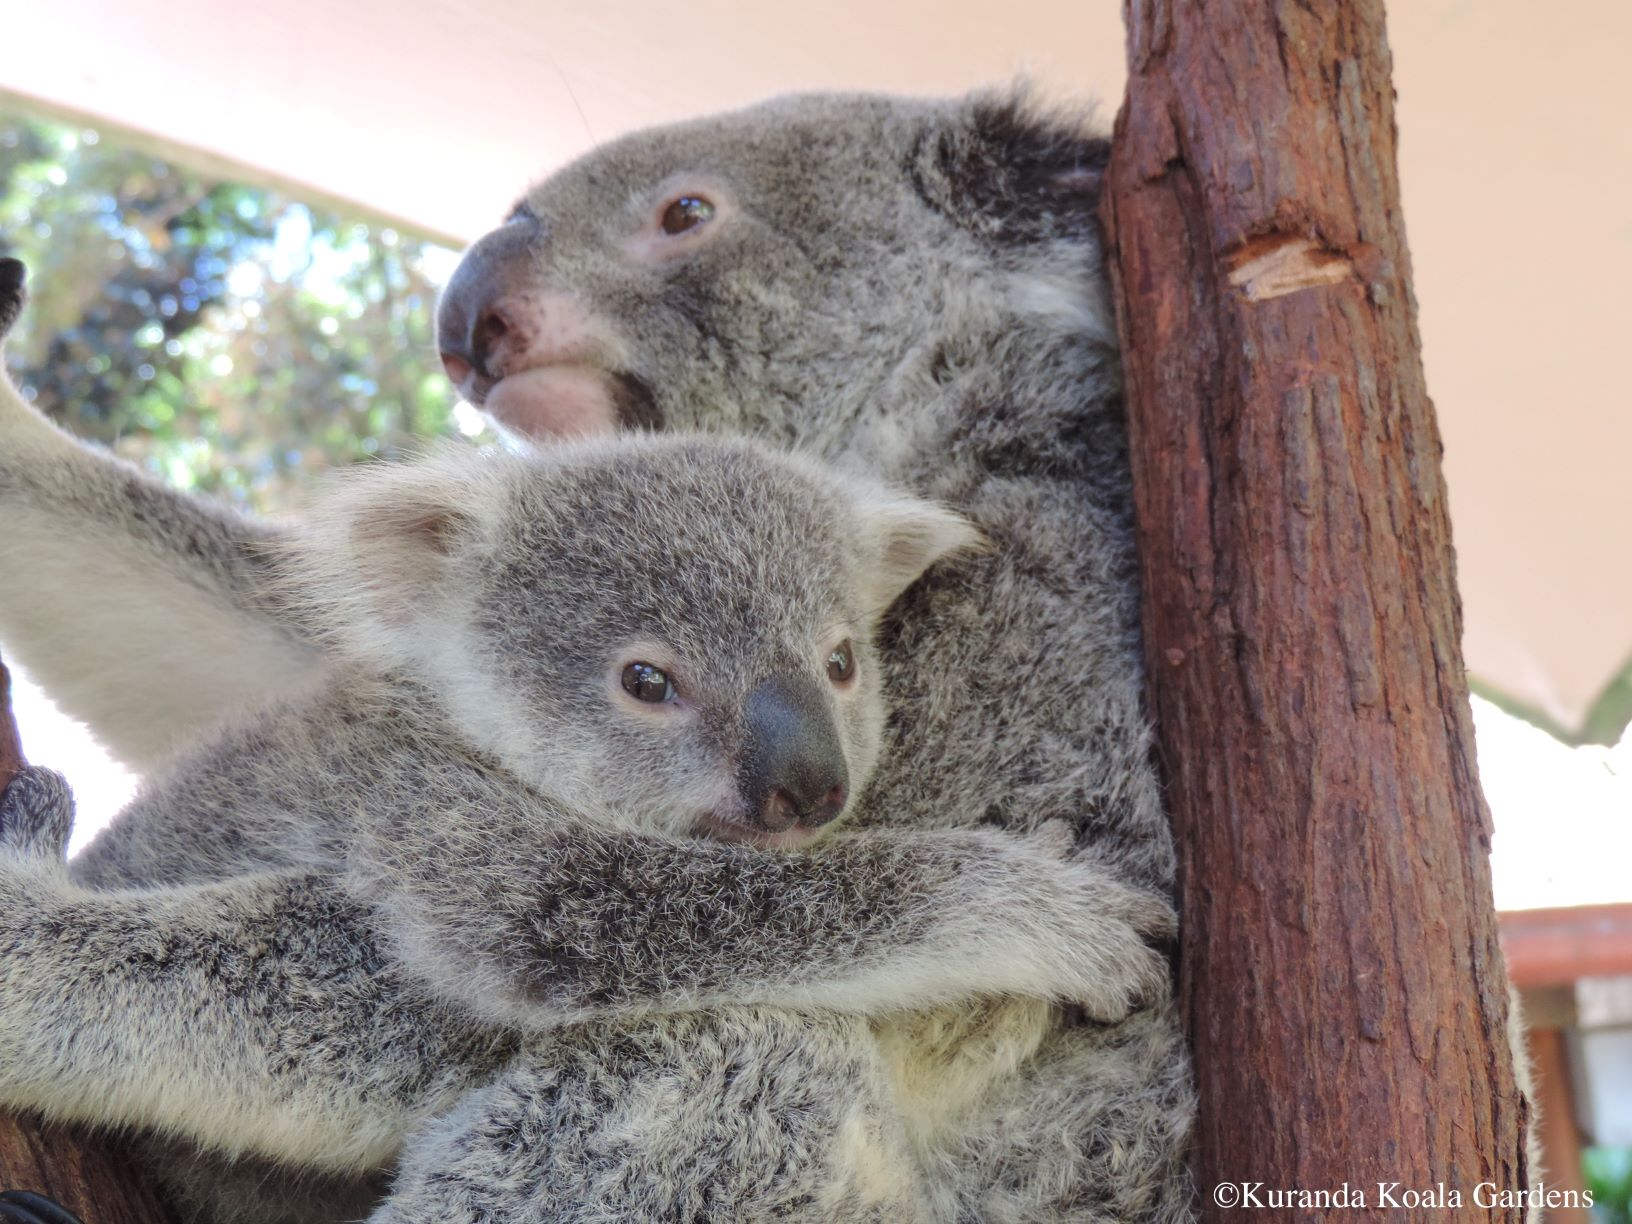 ケアンズ コアラを眺めながらの朝食! コアラと一緒に朝ごはん コアラ抱っこ写真付き